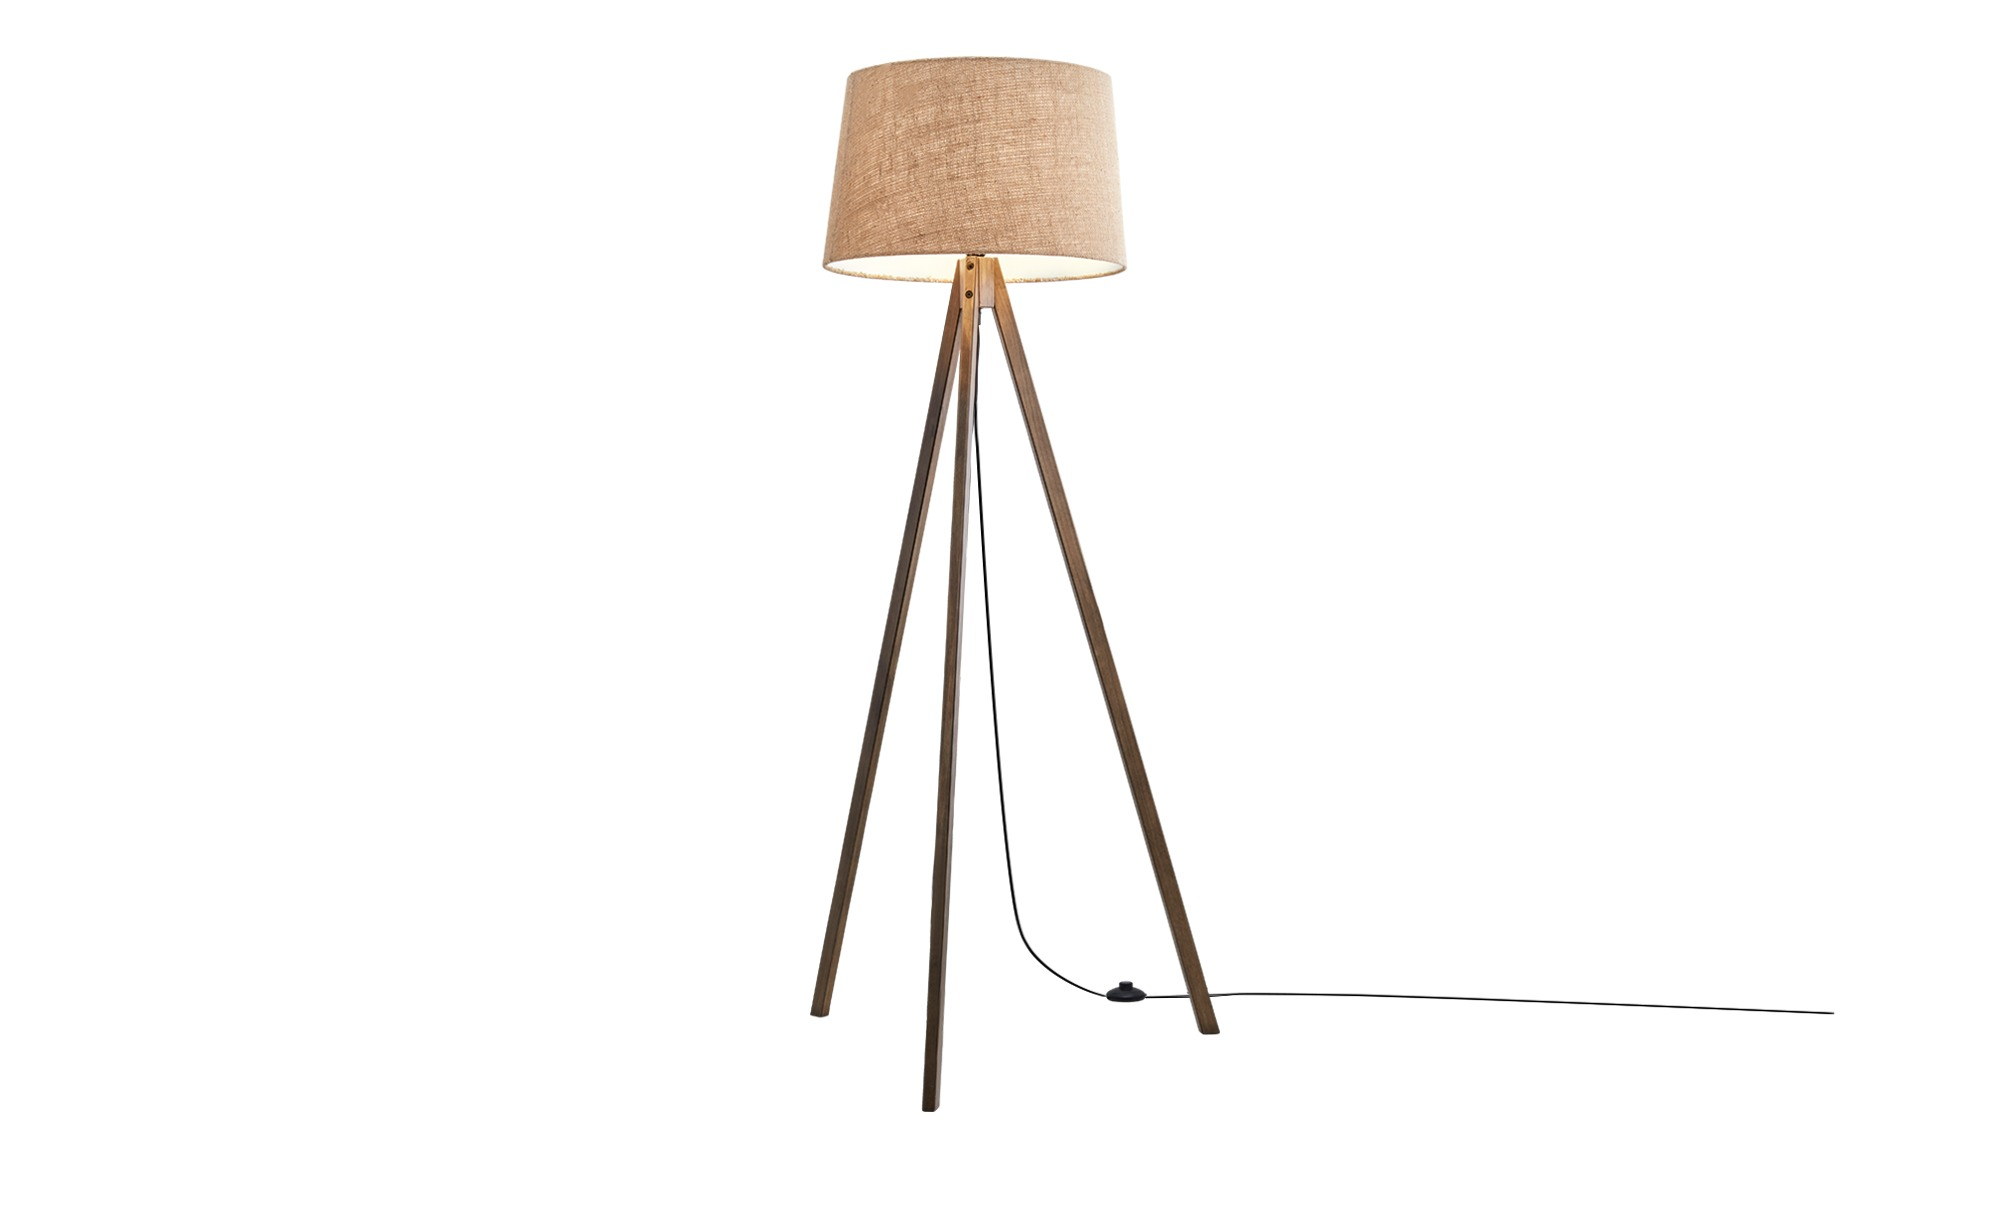 HOME STORY Holz-Stehleuchte, 1-flammig mit Stoffschirm ¦ Maße (cm): H: 155 Ø: 48 Lampen & Leuchten > Innenleuchten > Stehlampen - Höffner